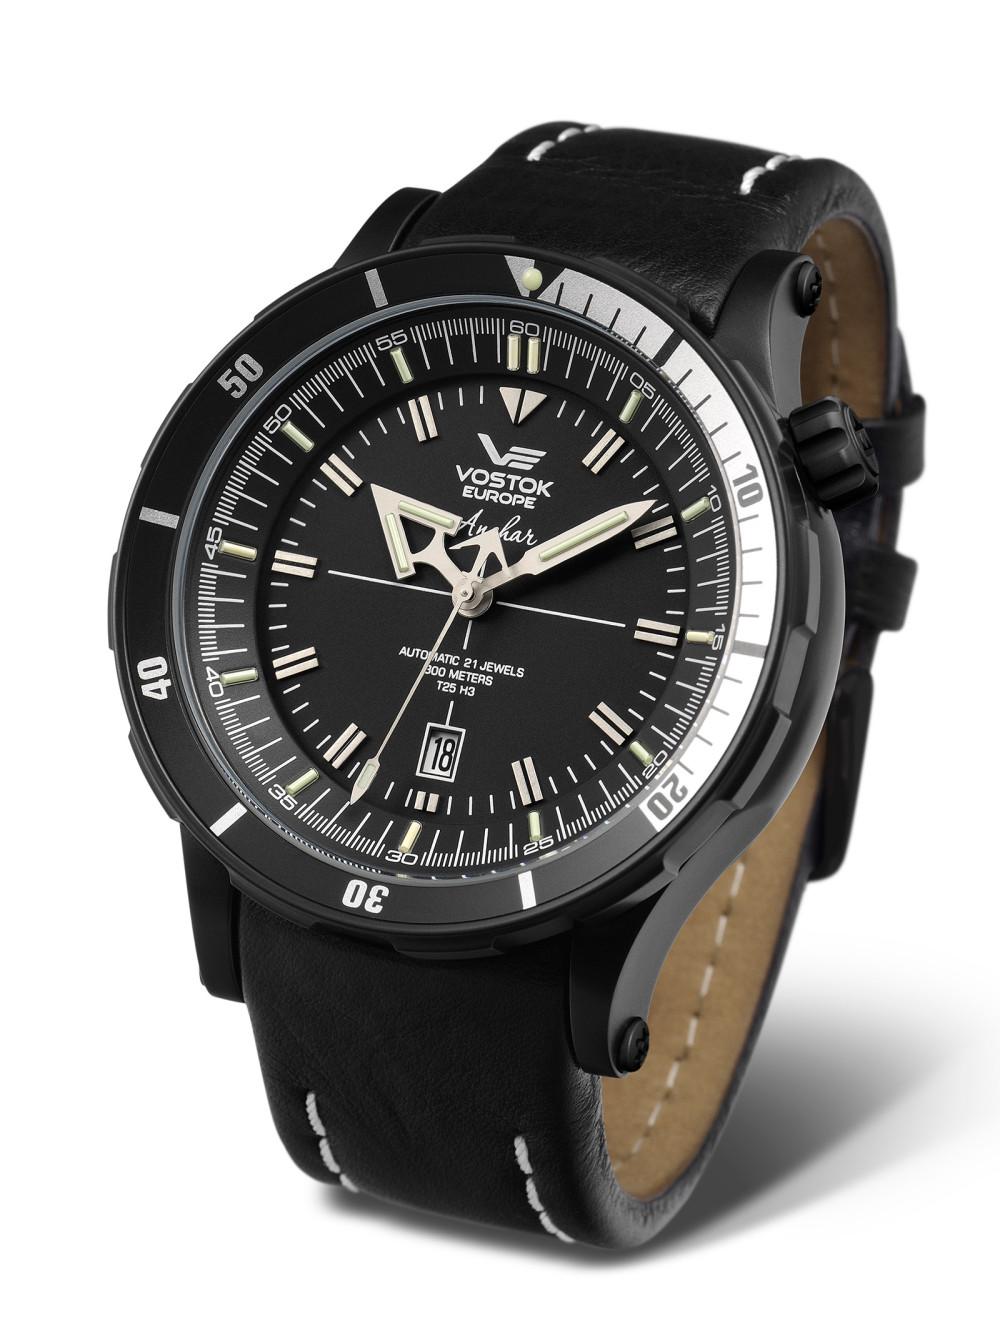 Купить браслеты к часам восток европа русские механические наручные часы